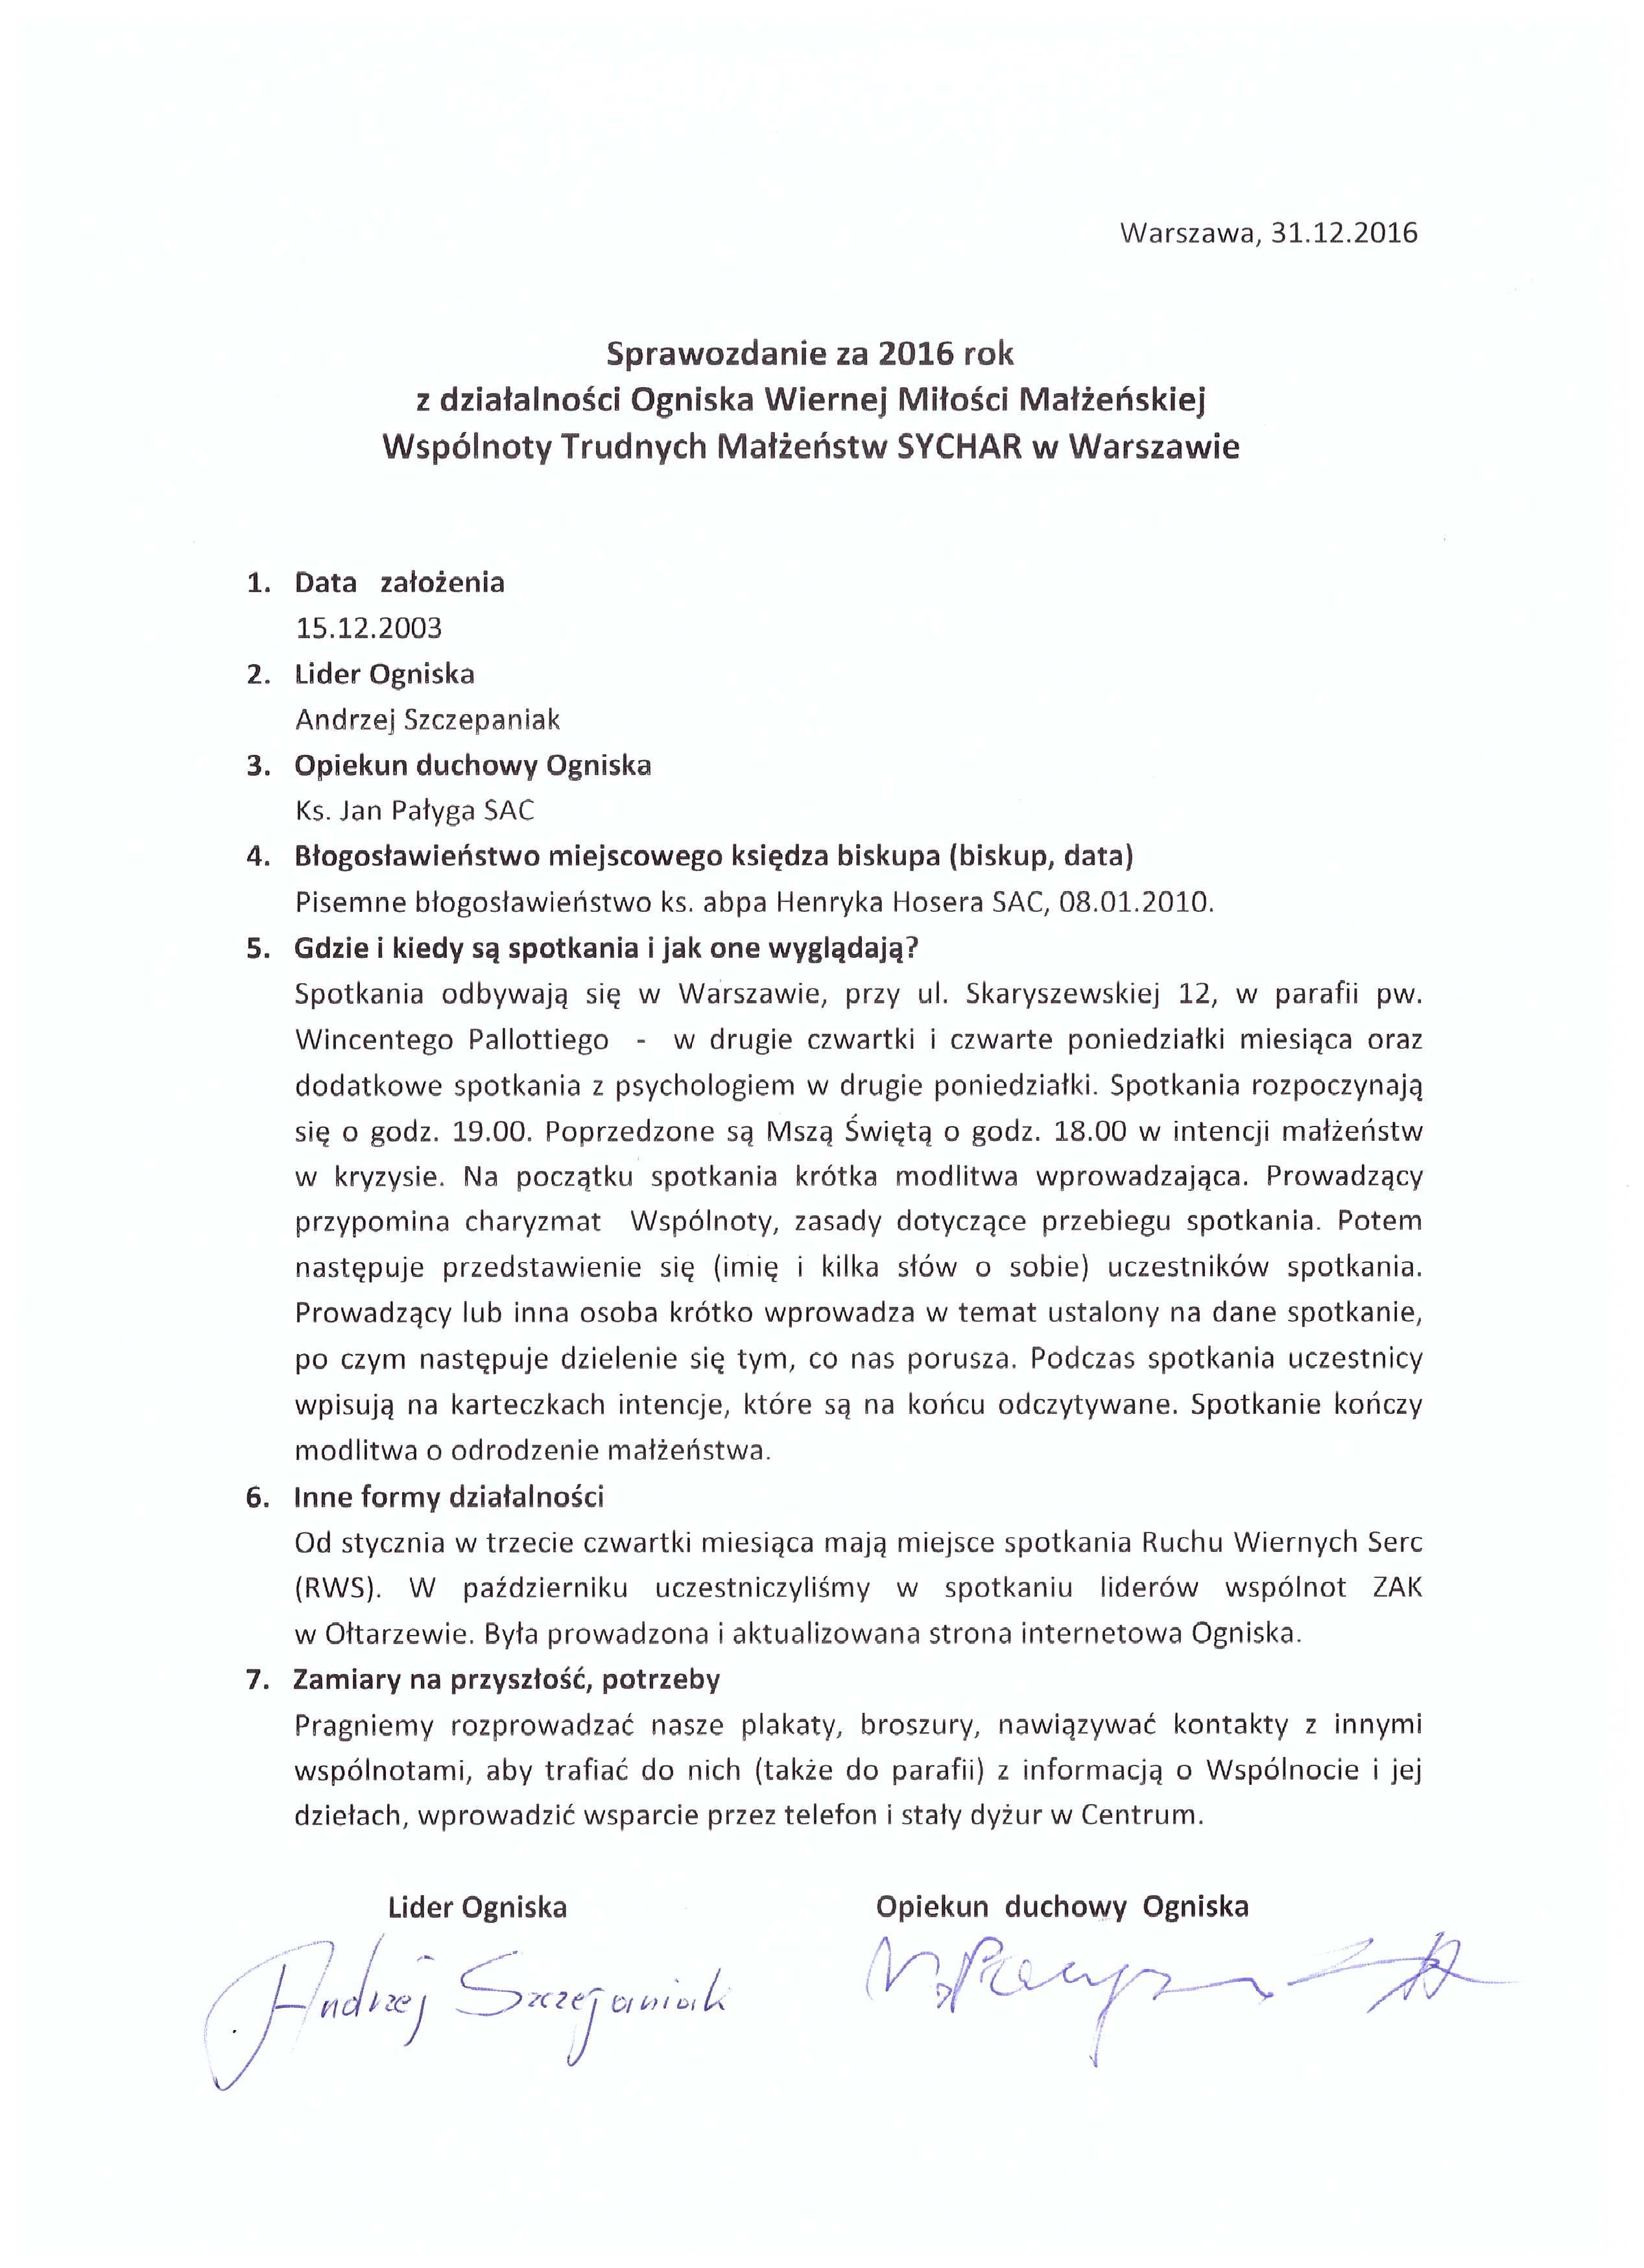 Sprawozdanie-2016-Warszawa-Pallotyni.jpg